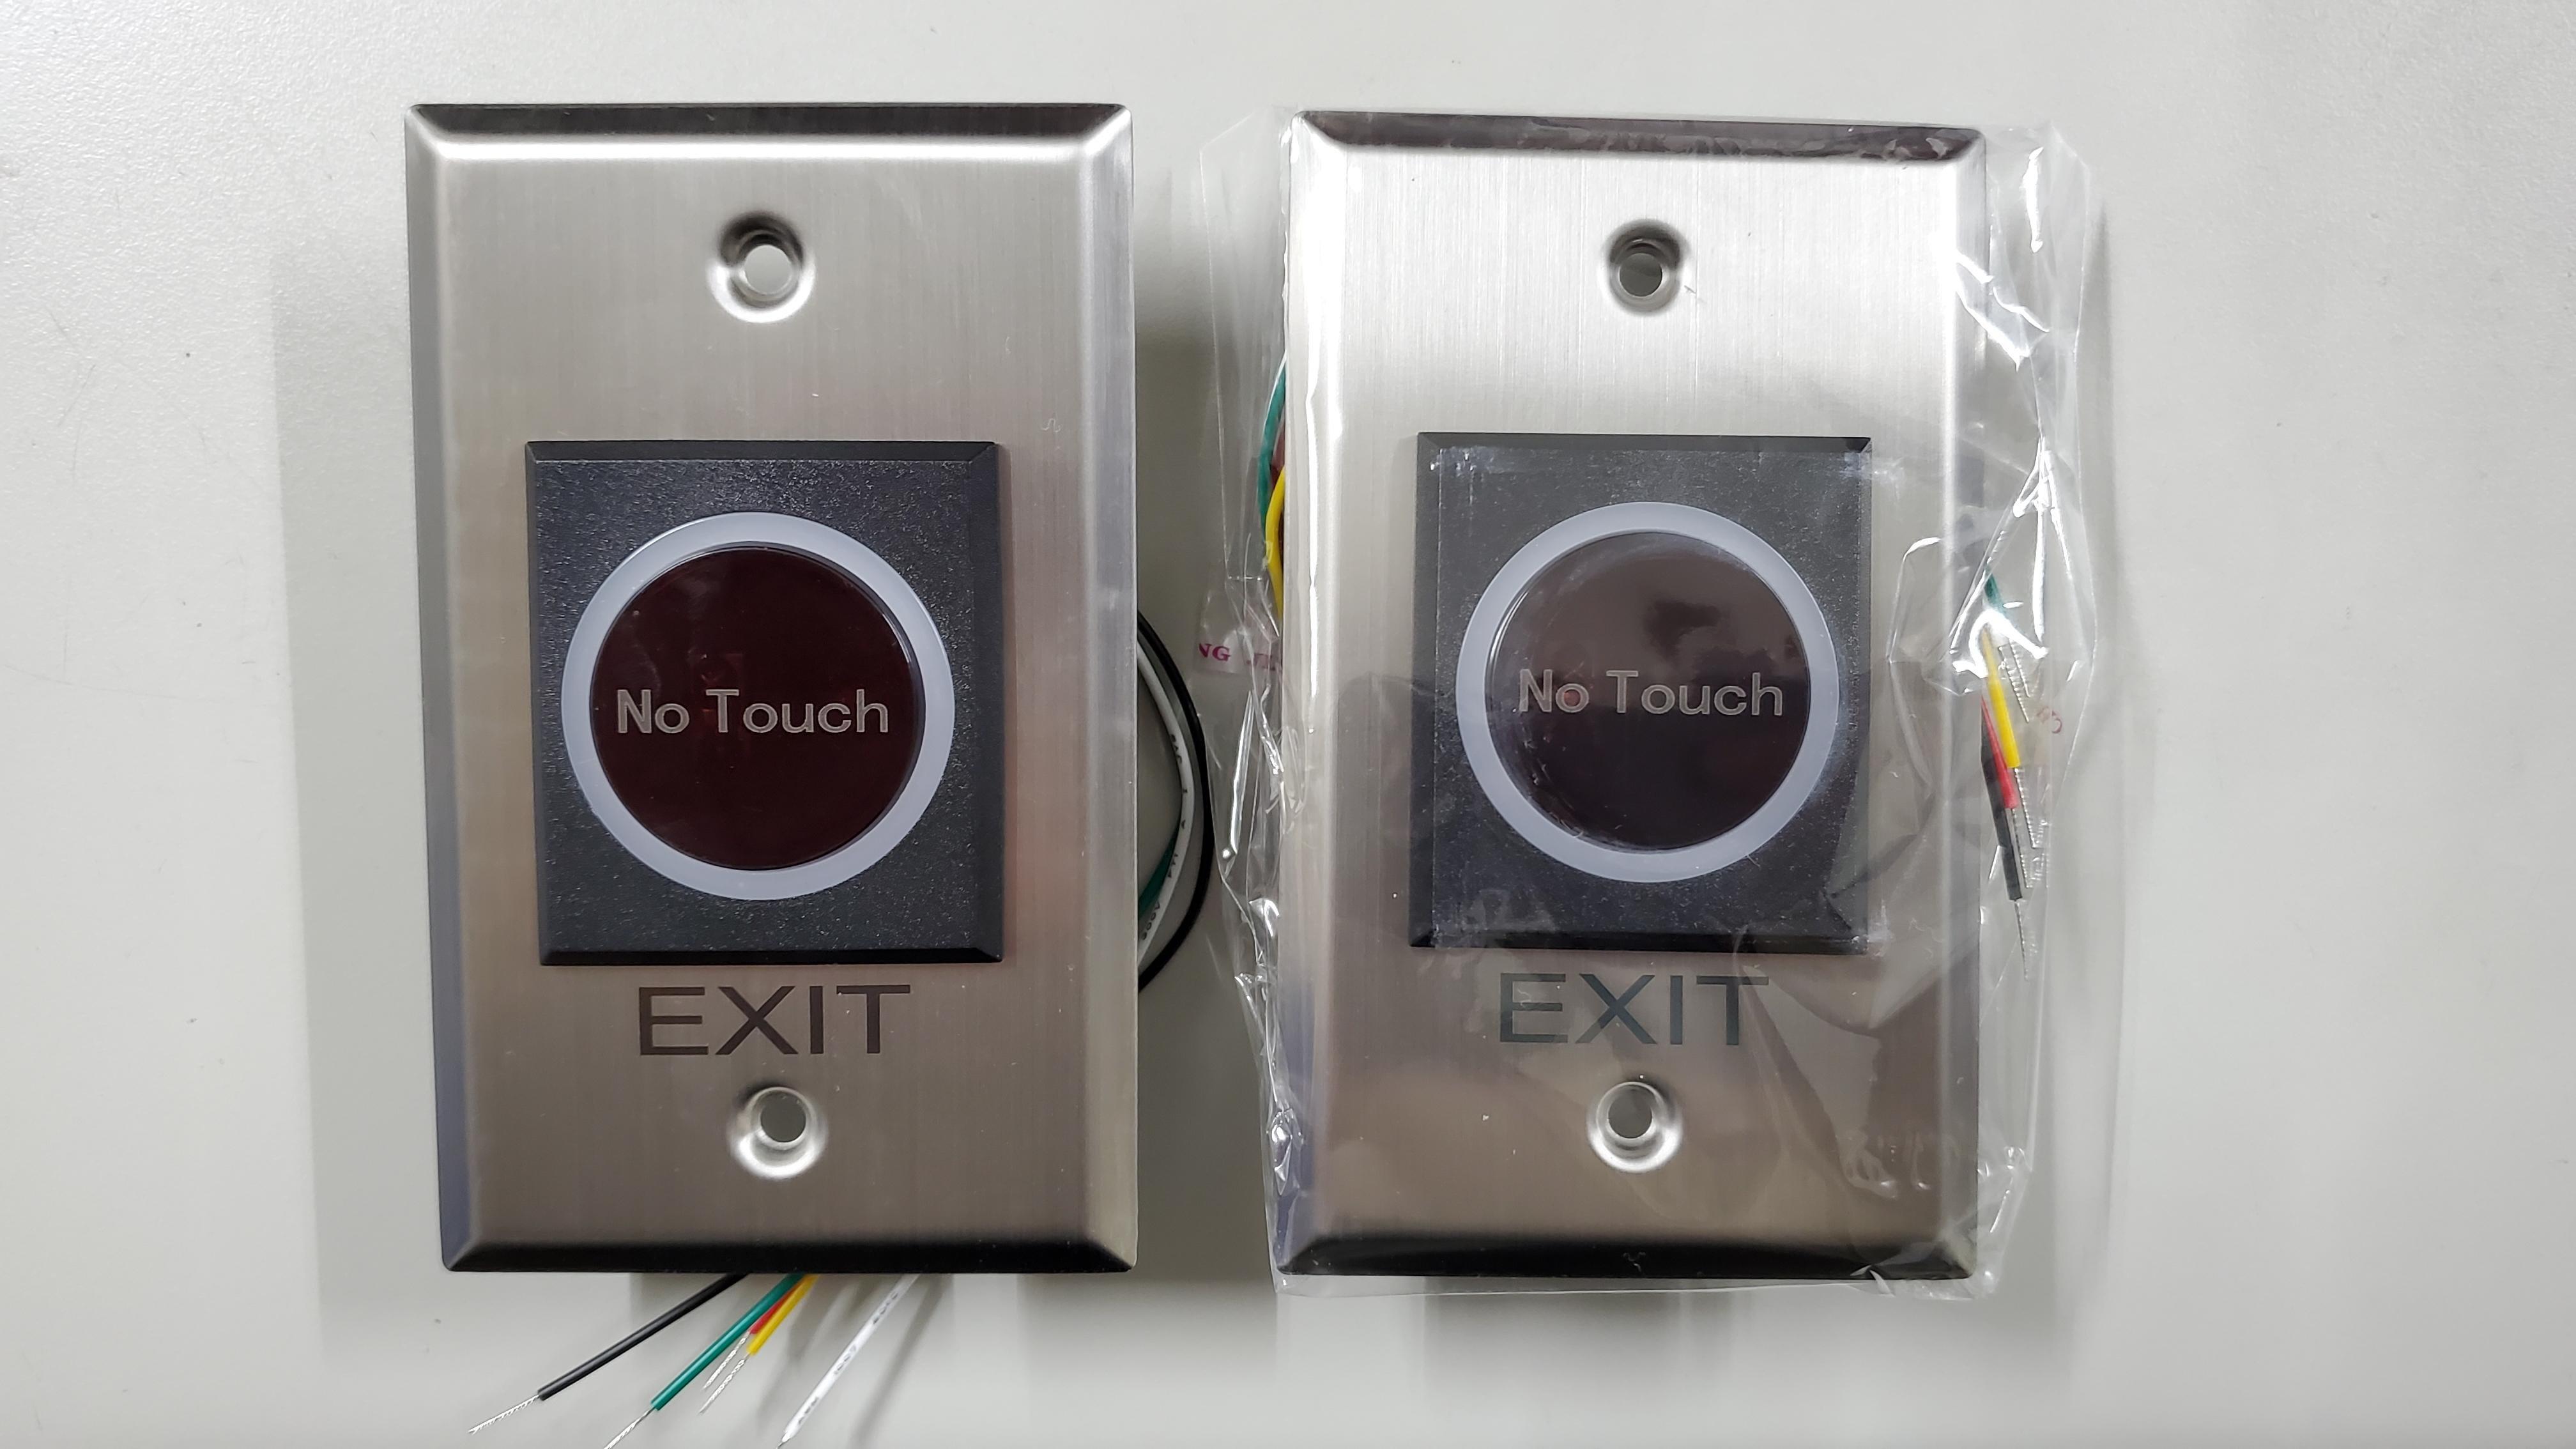 (現貨未稅含稅另賣場)門禁 紅外線開關 感應出門開關 免接觸開關按鈕 非接觸式門禁用 No Touch